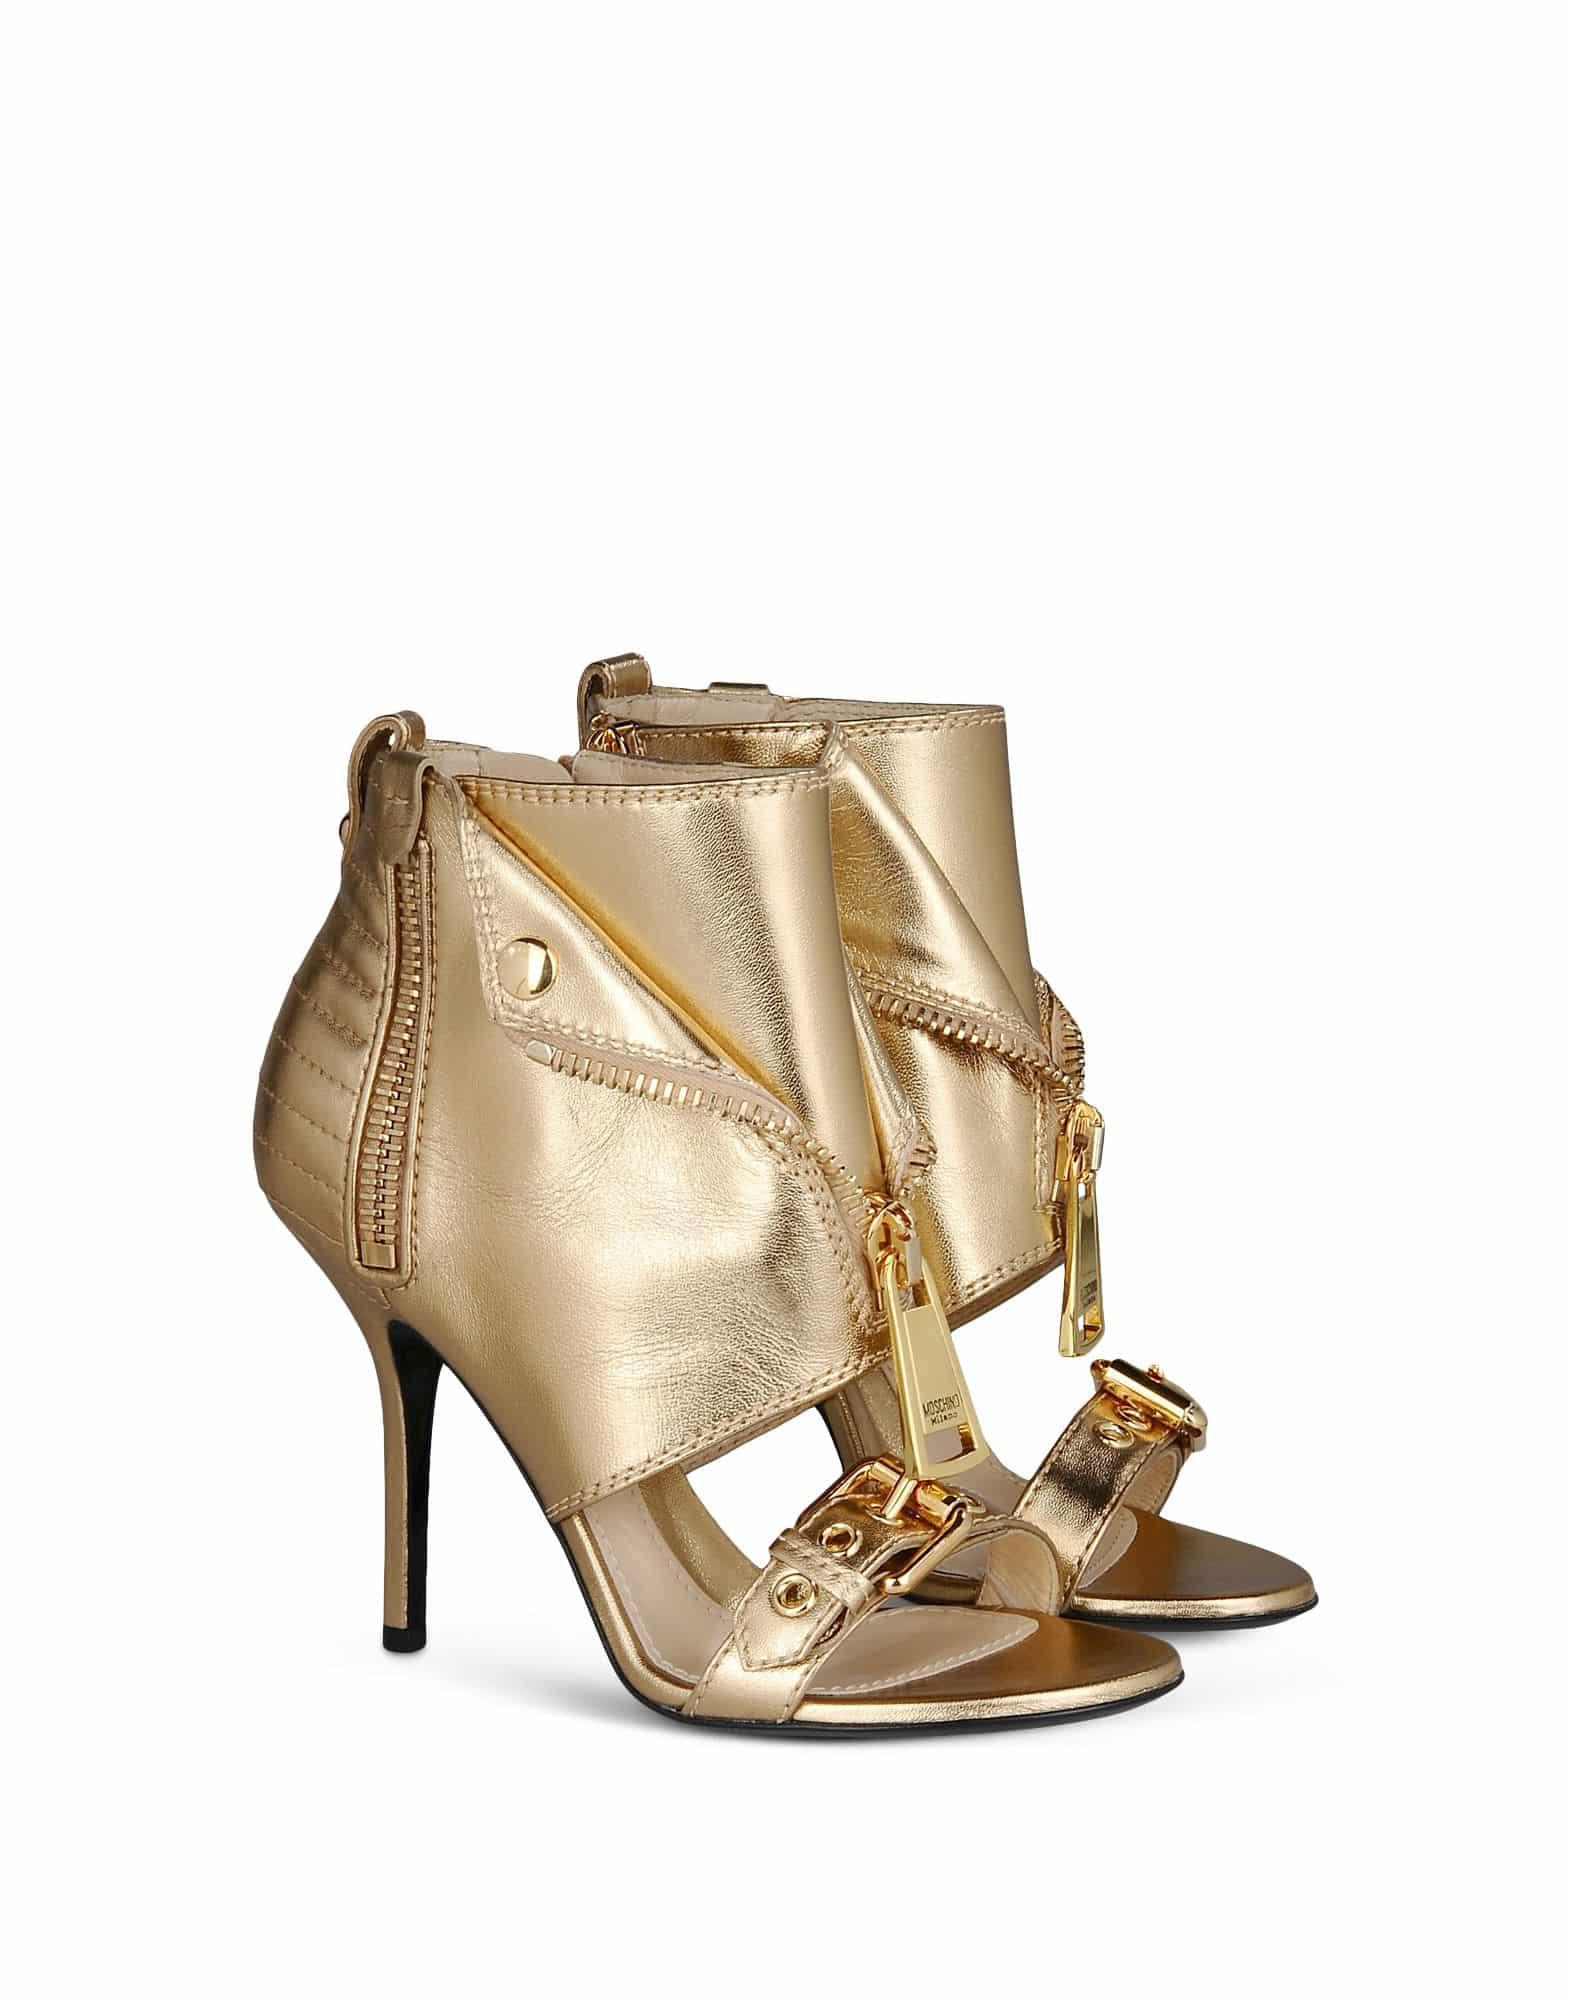 Moschino sandalo con borchie e zip 795.00 euro